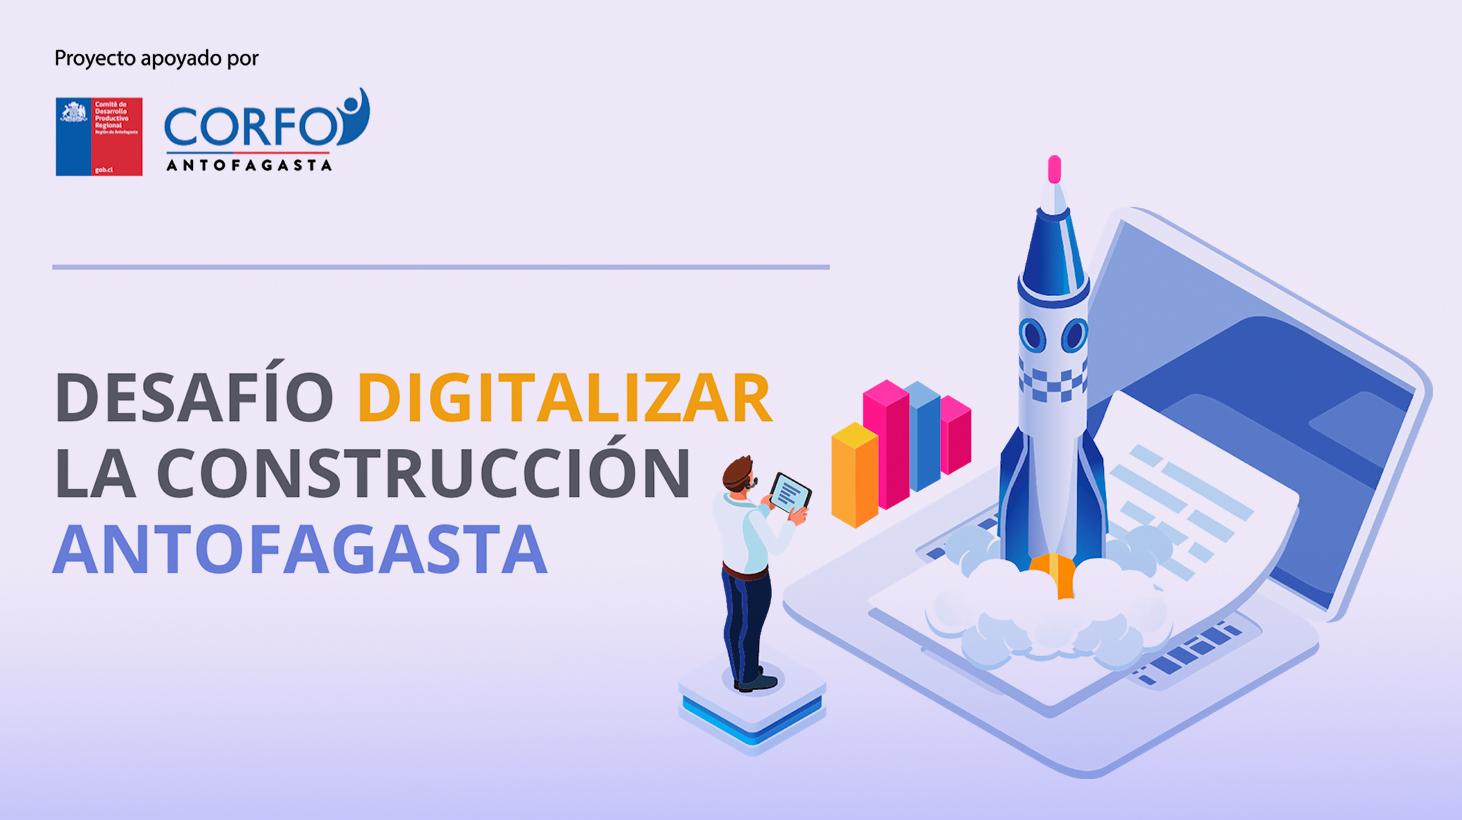 Desafío Digitalizar la Construcción Antofagasta.